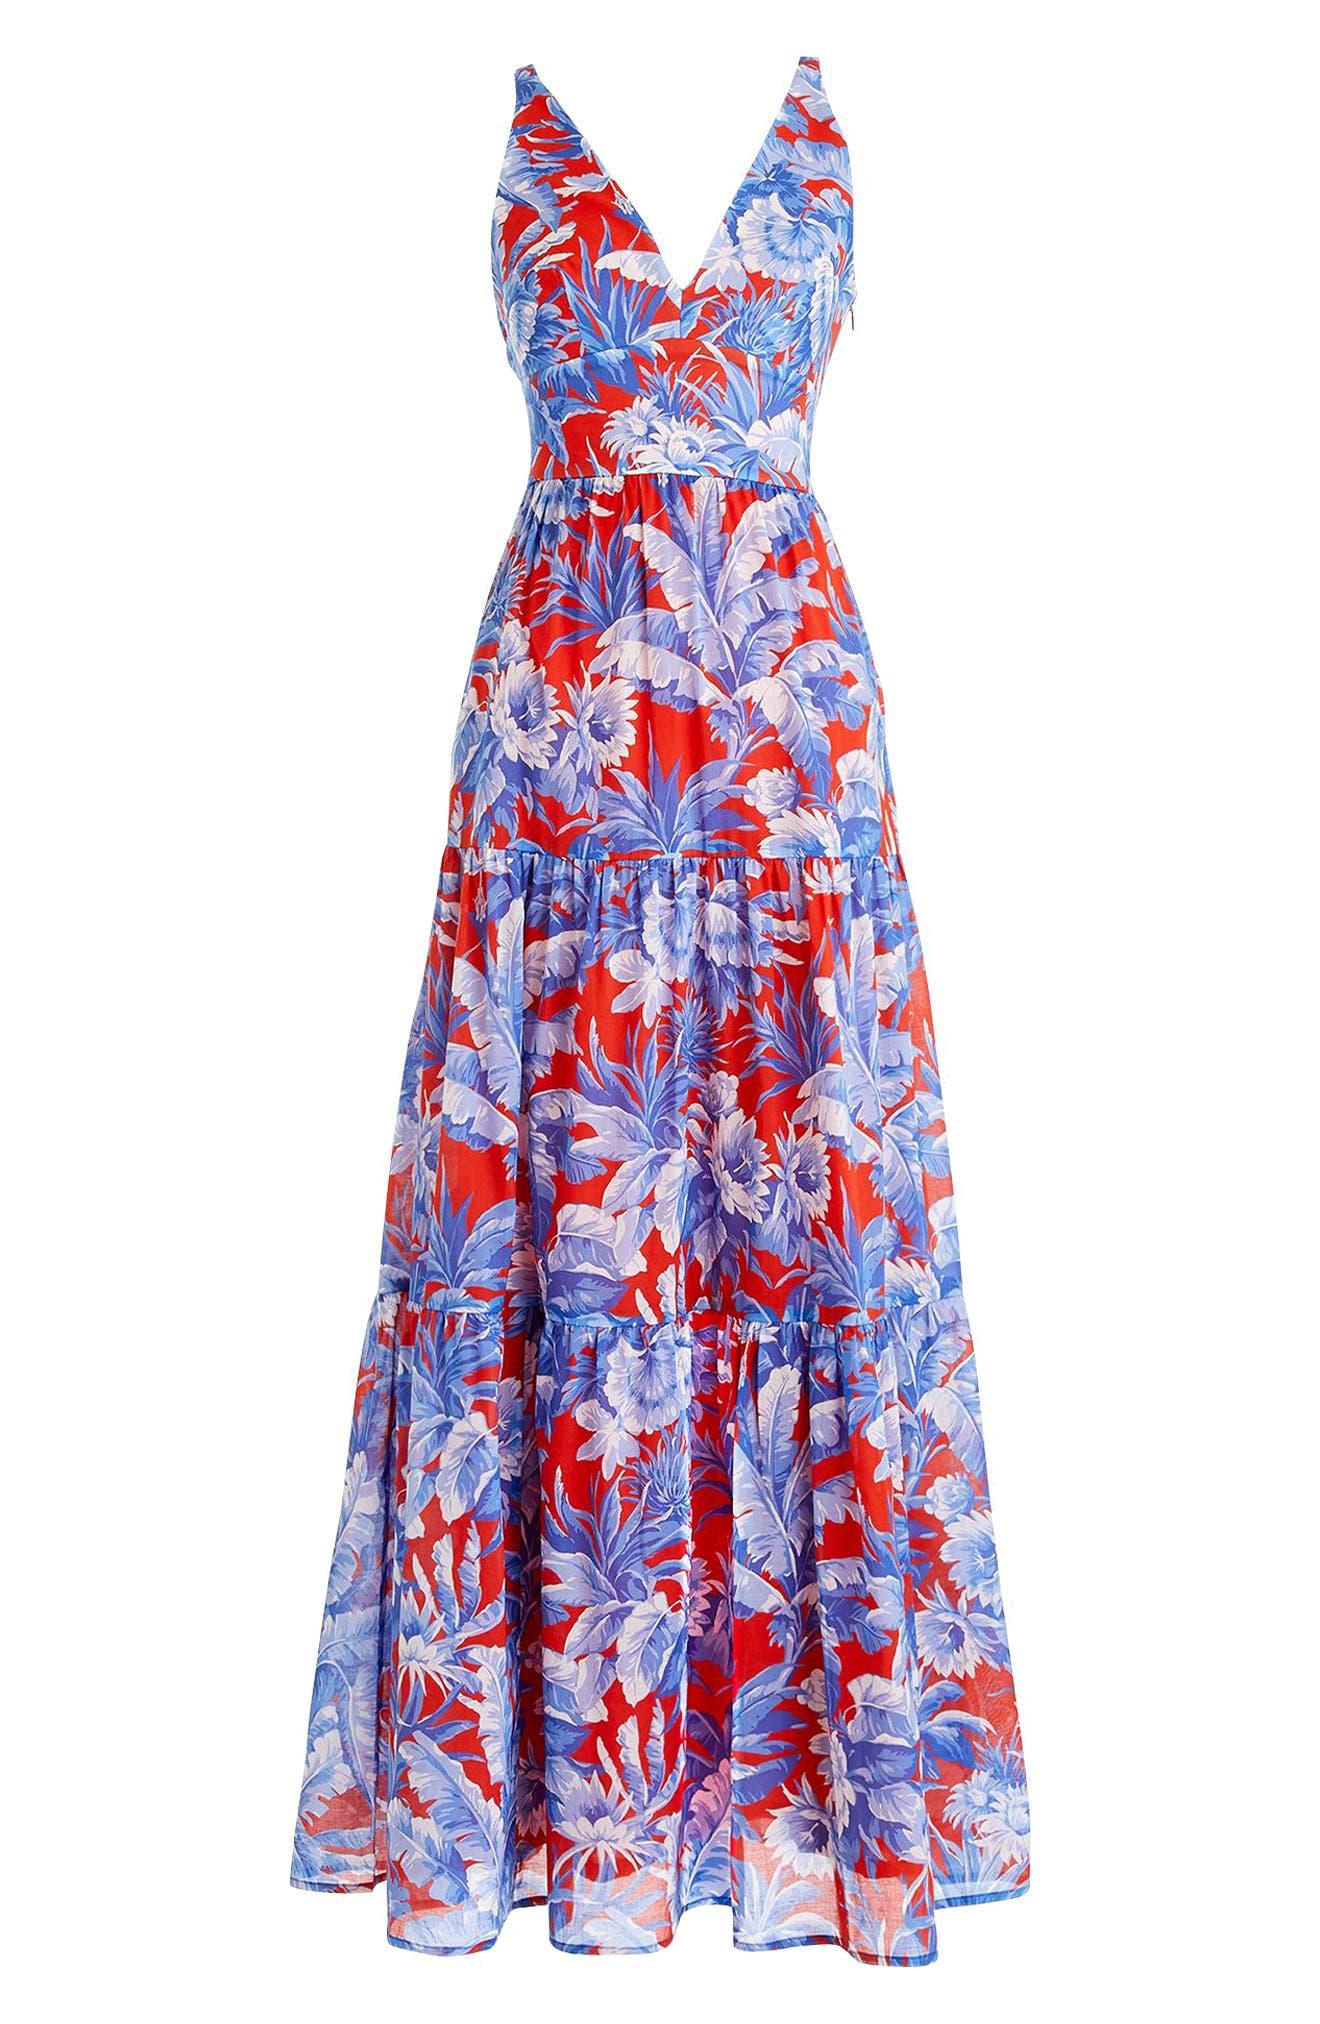 Ratti V-Neck Maxi Dress,                             Alternate thumbnail 3, color,                             400